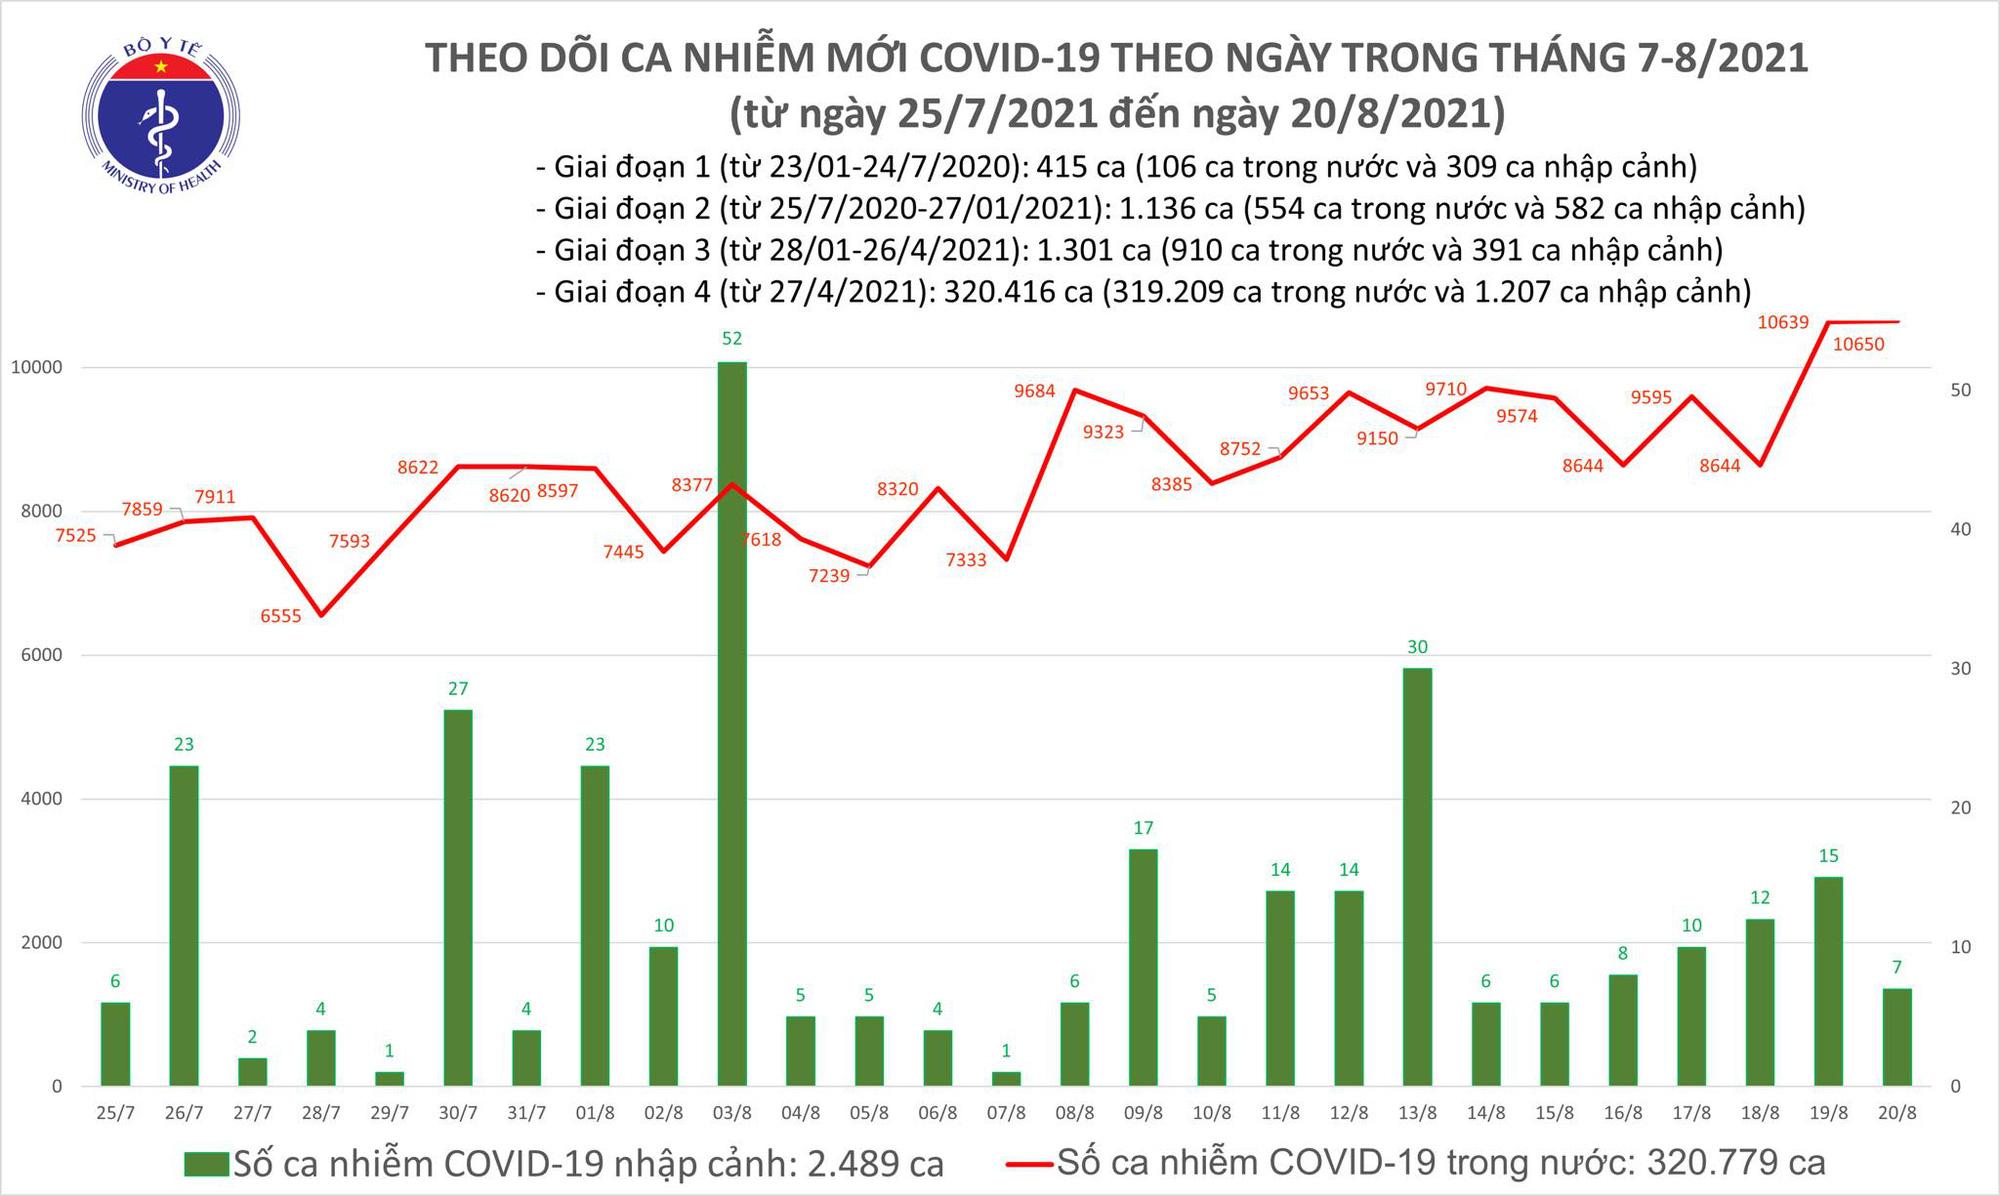 Tối 20/8: Thêm 10.657 ca COVID-19, Bình Dương có số mắc cao nhất với 4.223 ca